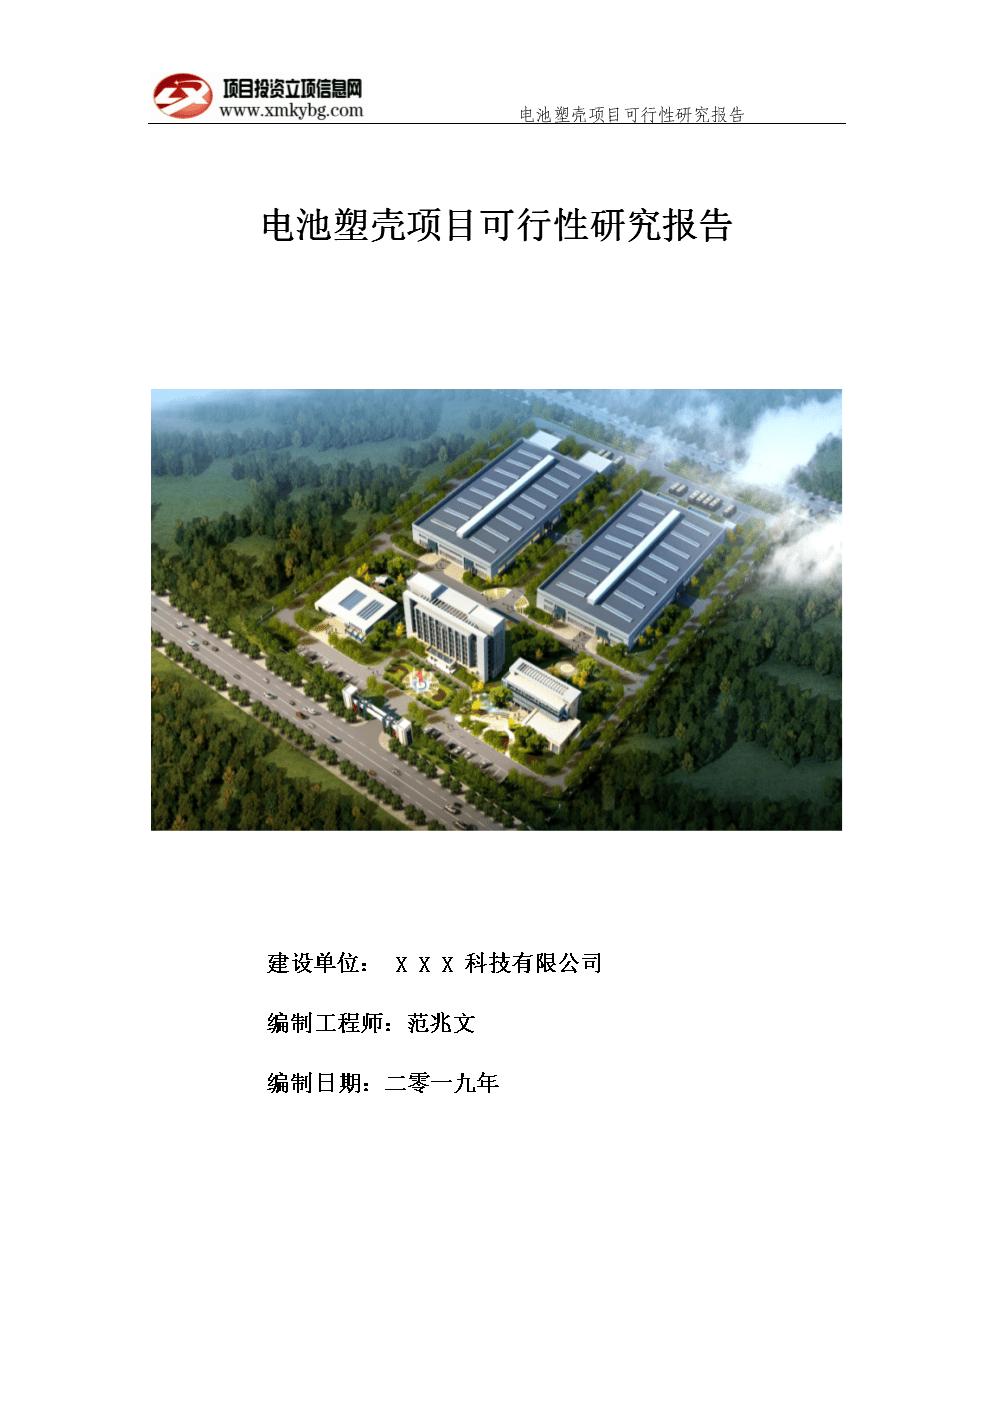 电池塑壳项目可行性研究报告-用于备案立项.doc